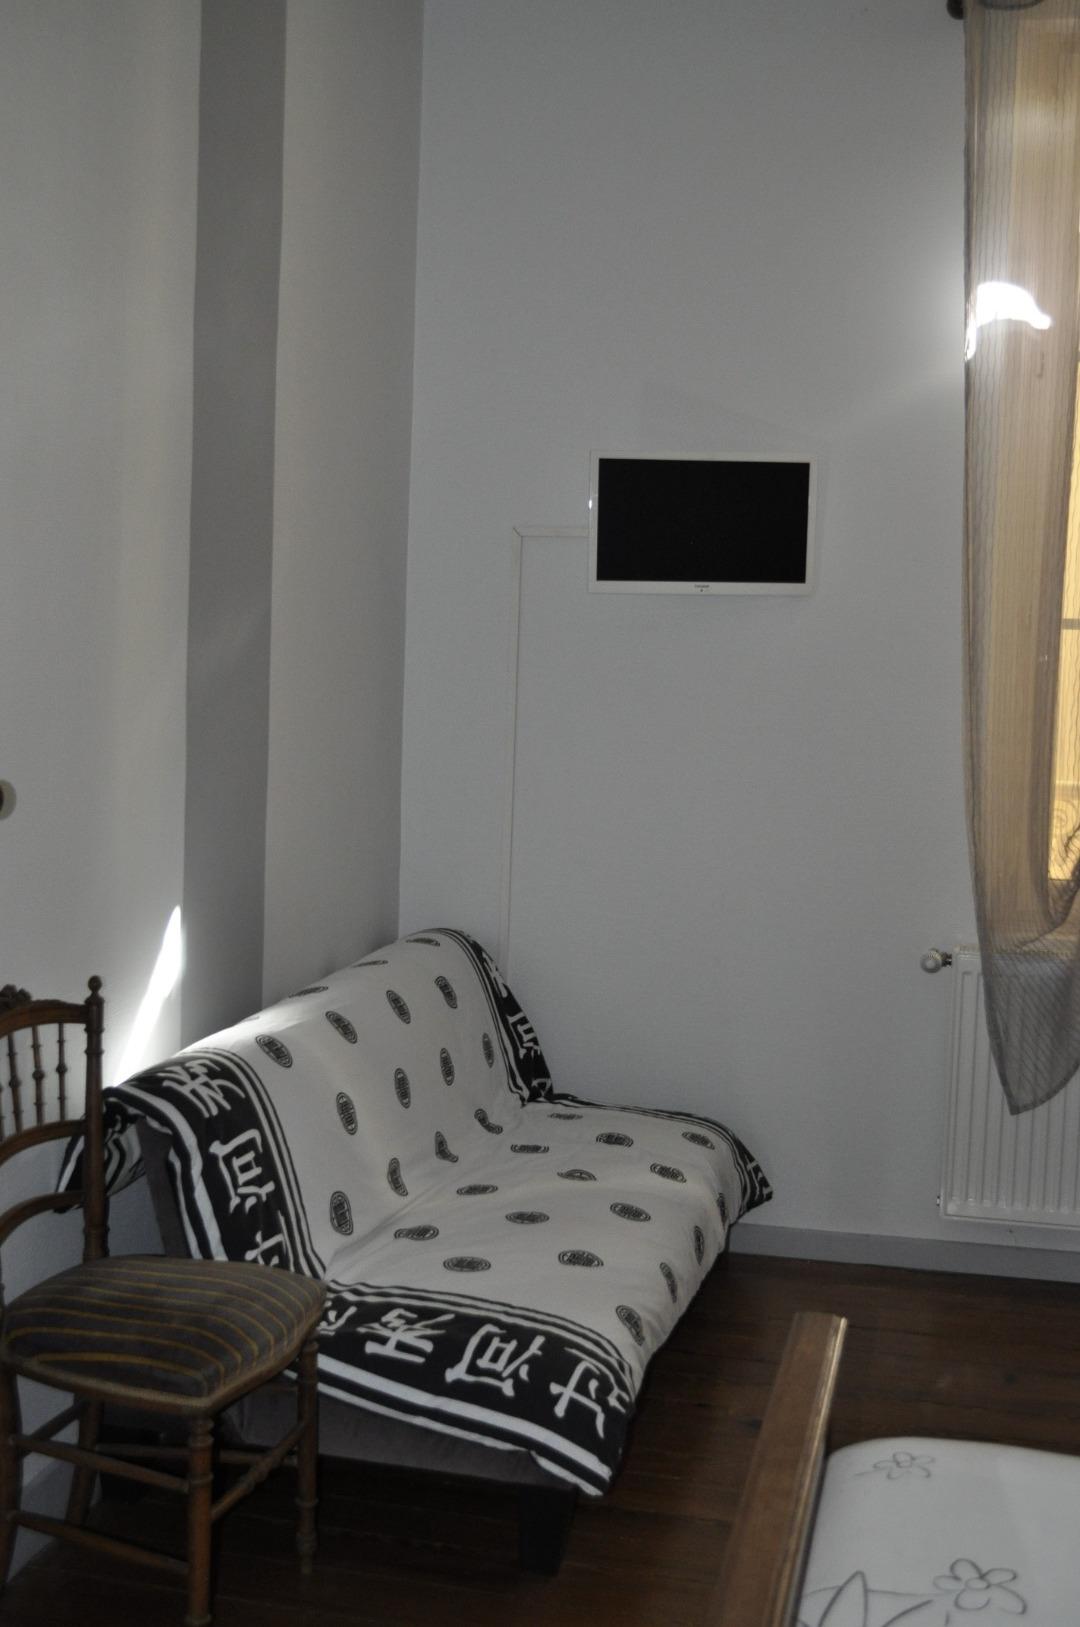 Location de chambre d'hôte pour un couple à Ludon-Médoc